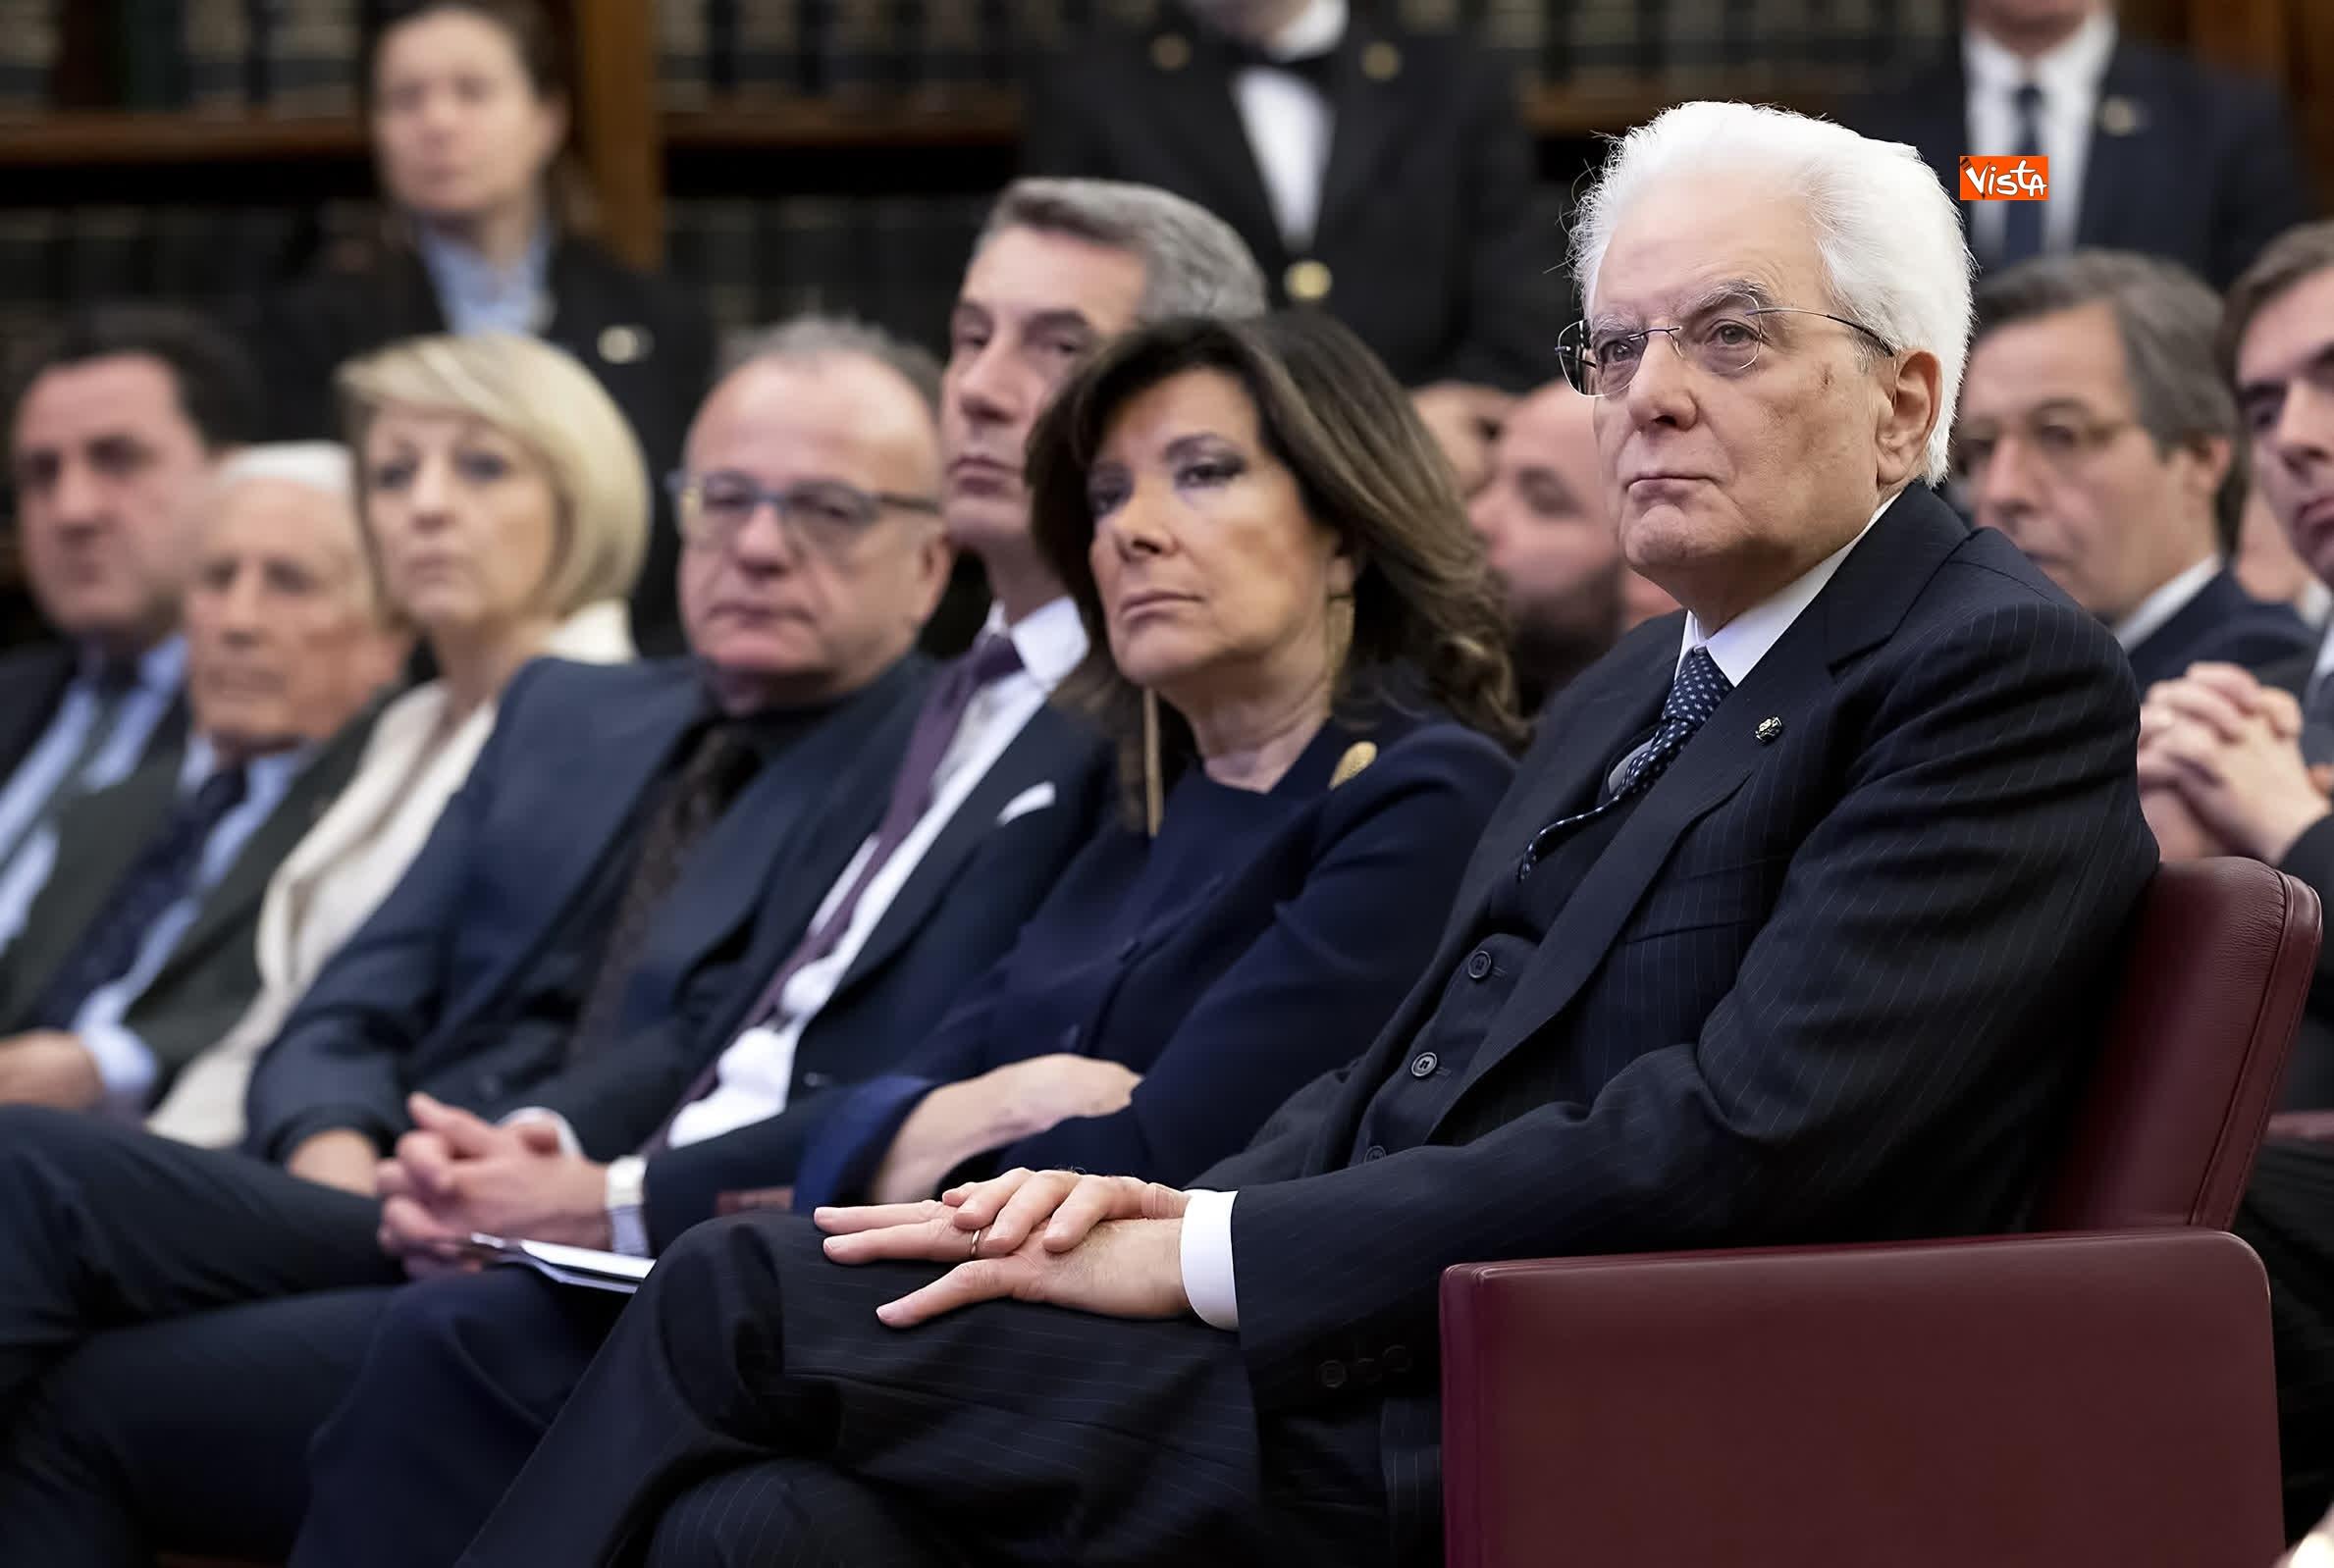 14-03-19 Mattarella partecipa alla cerimonia commemorativa del Sen_03. Carlo Donat-Cattin